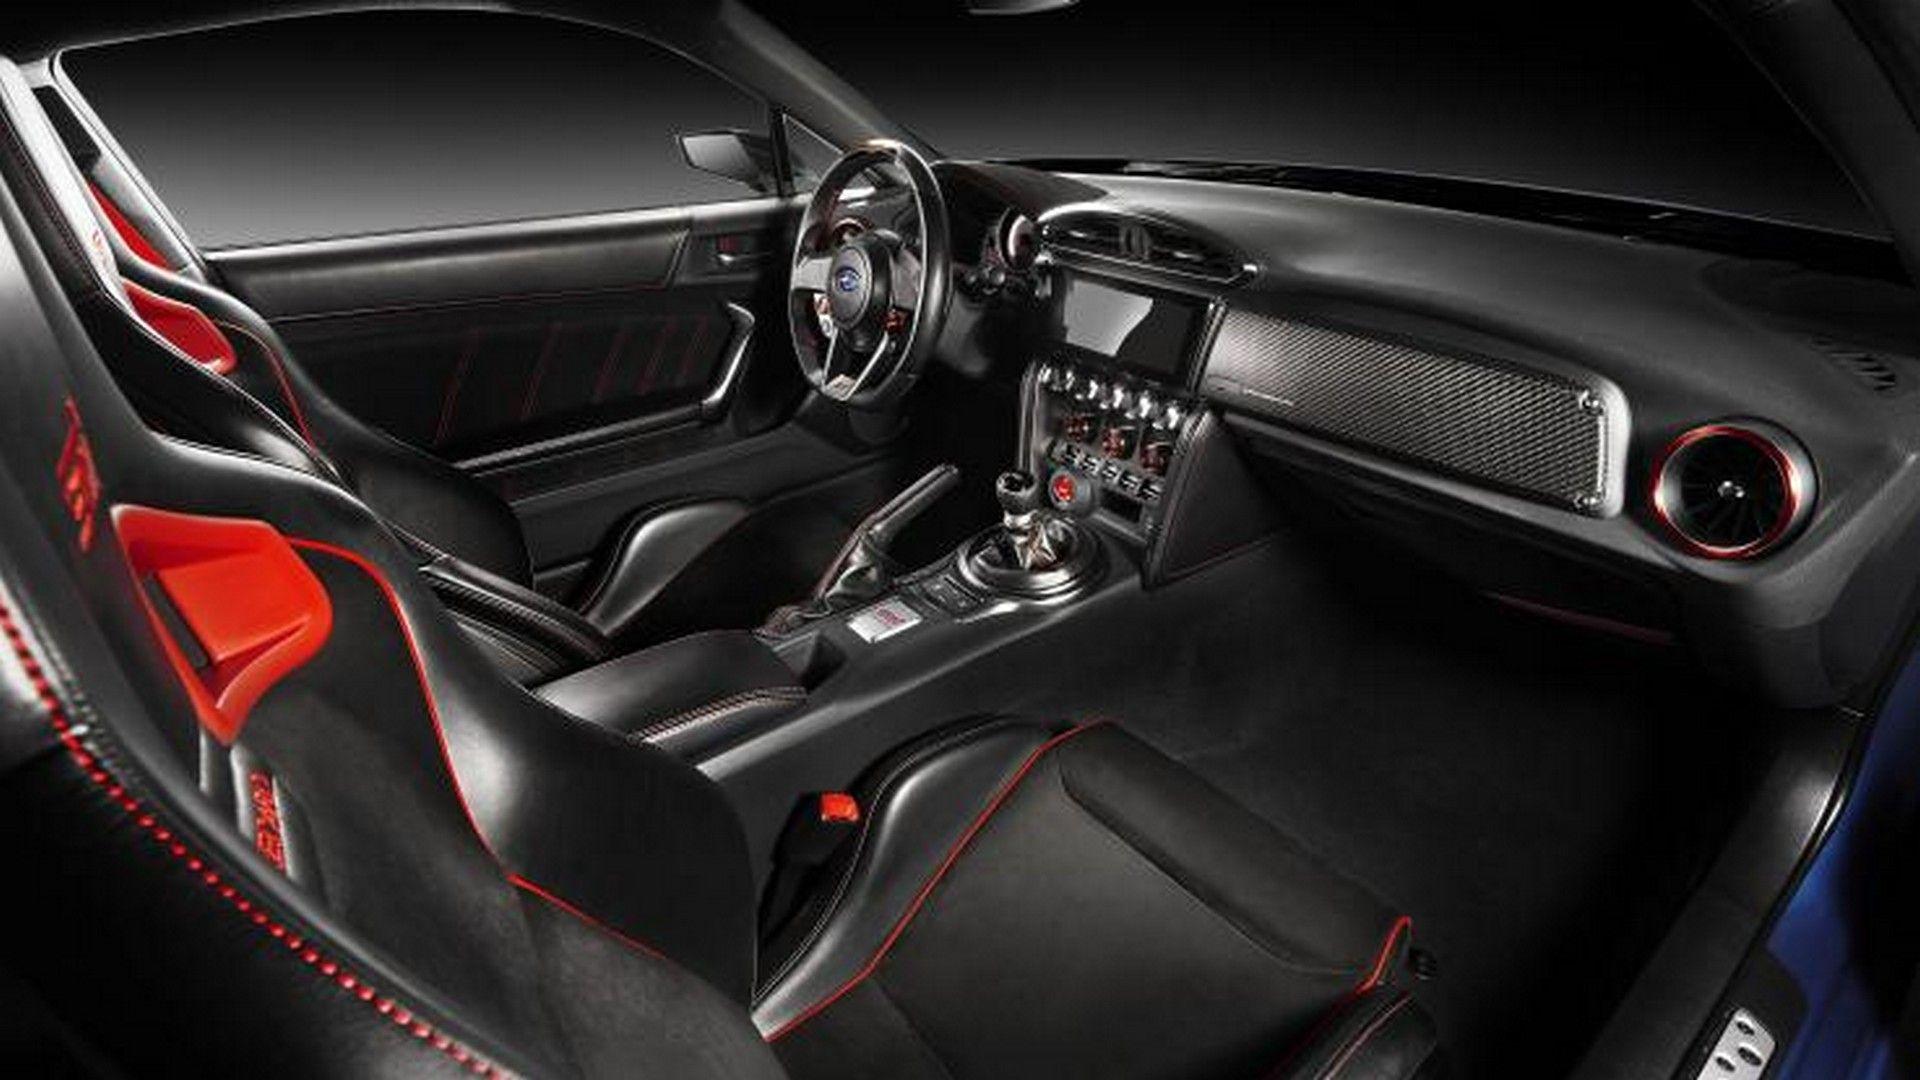 Interior 2020 Subaru Brz Images